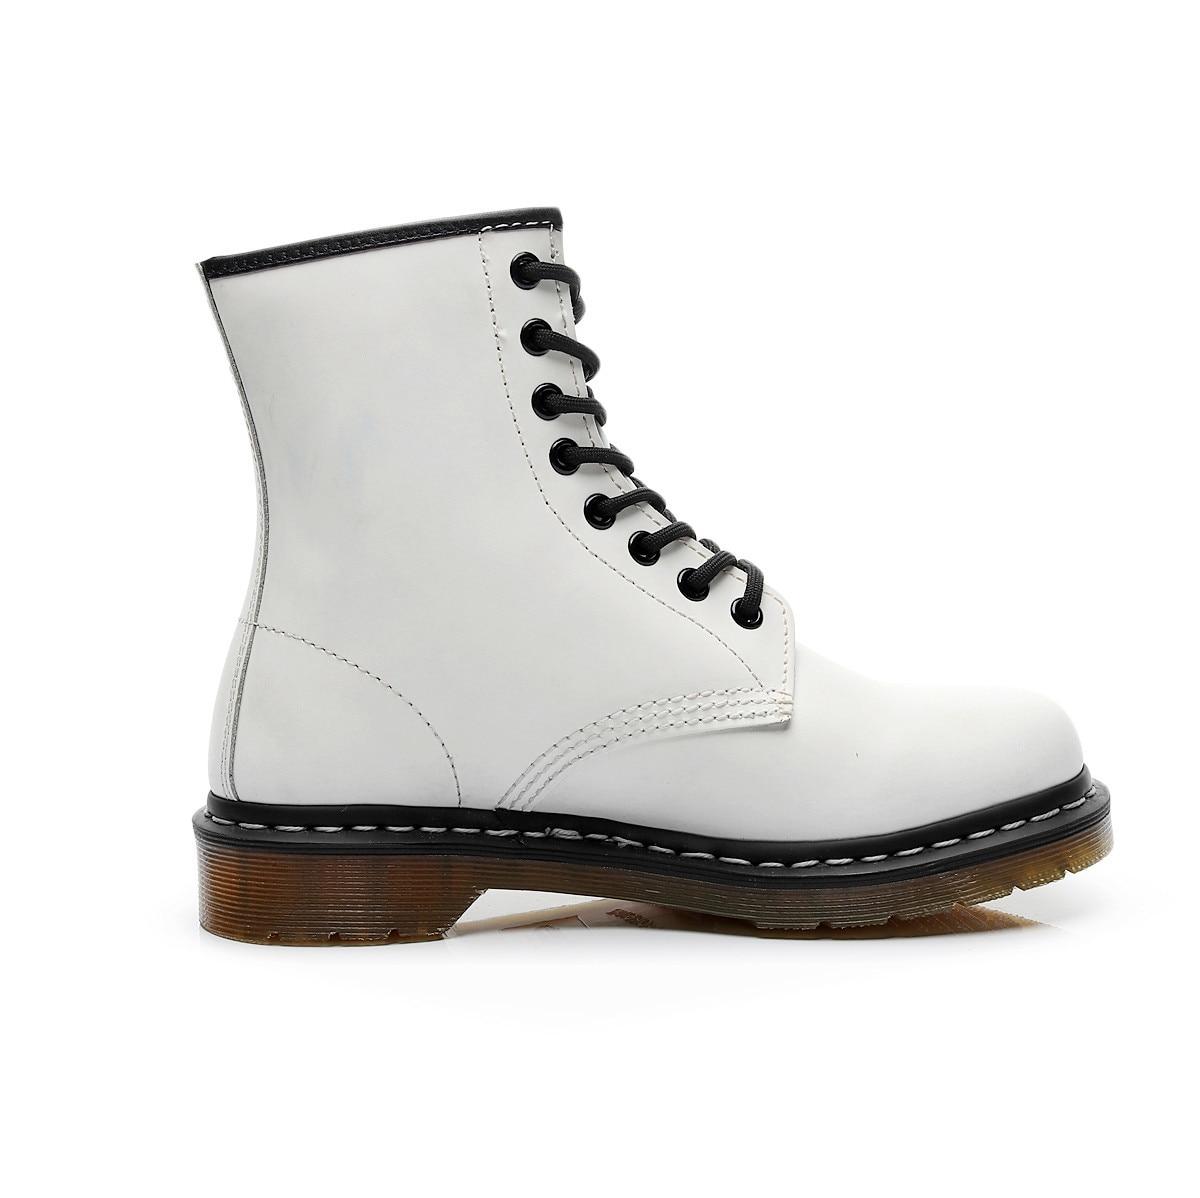 Marca de 6 colores Botines de Cuero, botas de Otoño Invierno para mujer y hombre, trabajo exterior para motocicleta botas negras, botas de nieve, zapatos para hombre